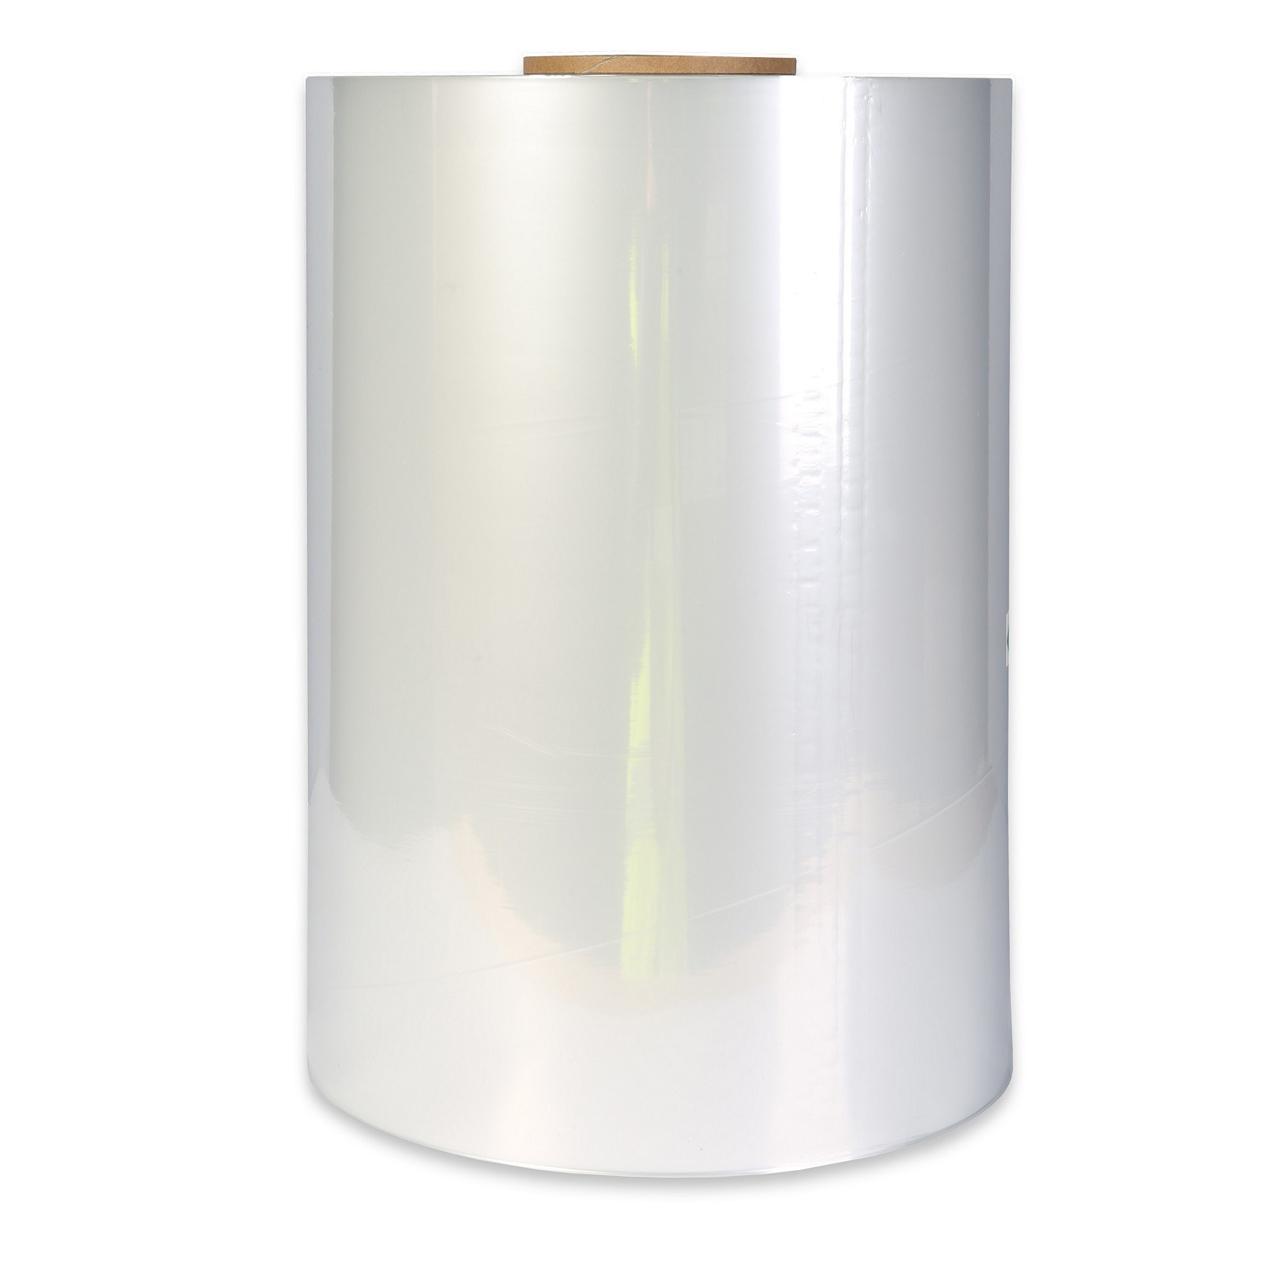 پلاستیک حرارتی مدل شیرینگ 58 - بسته 10 متر طولی